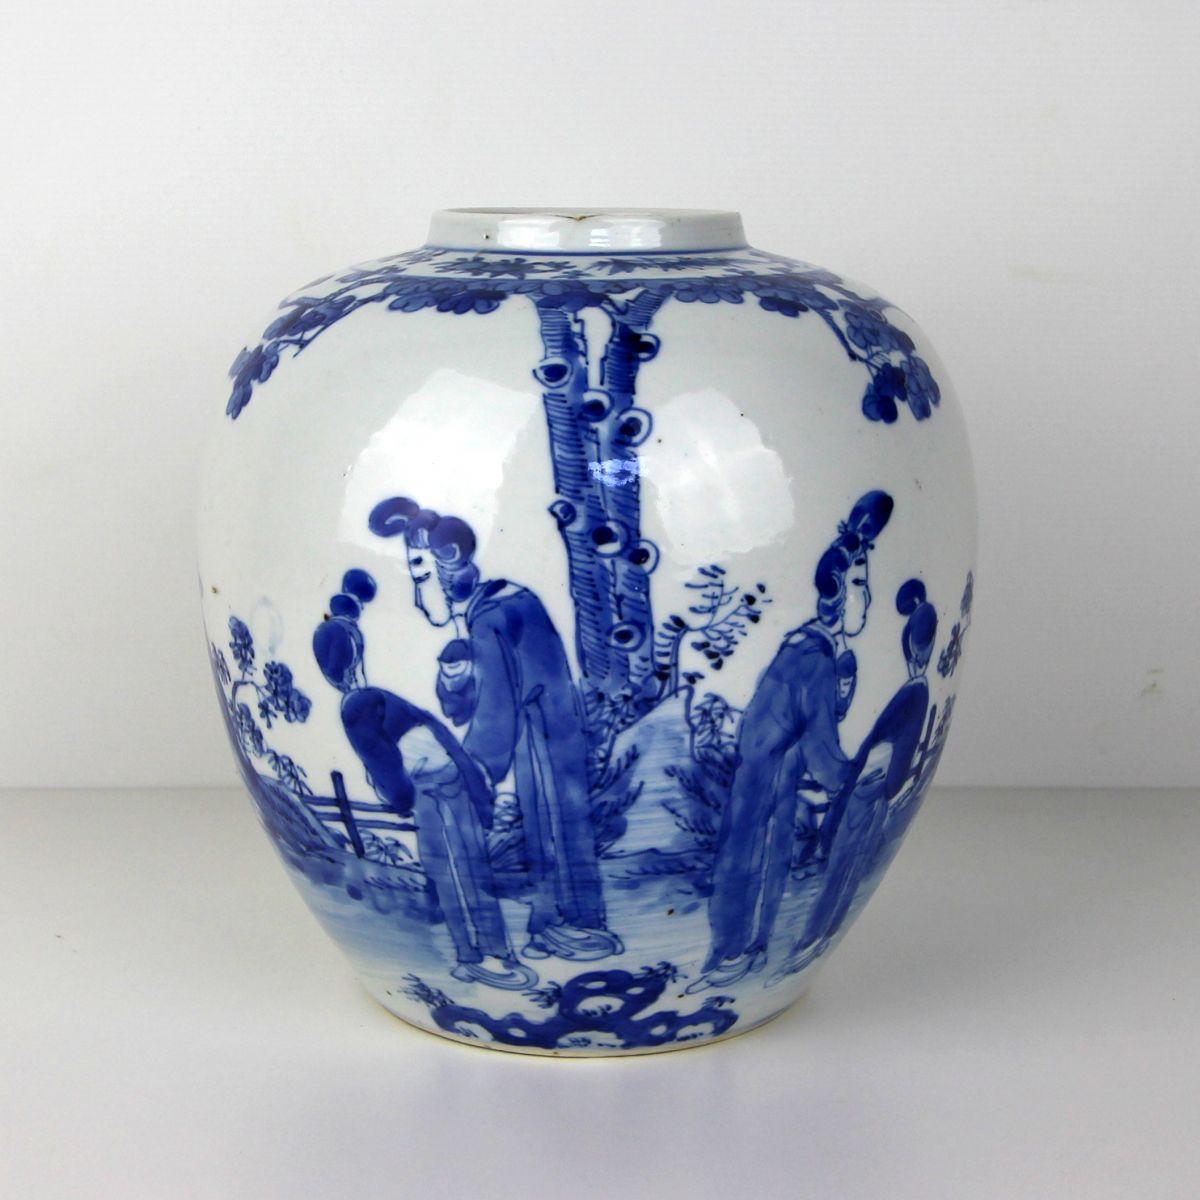 Gemberpot blauw - China - 19e eeuw